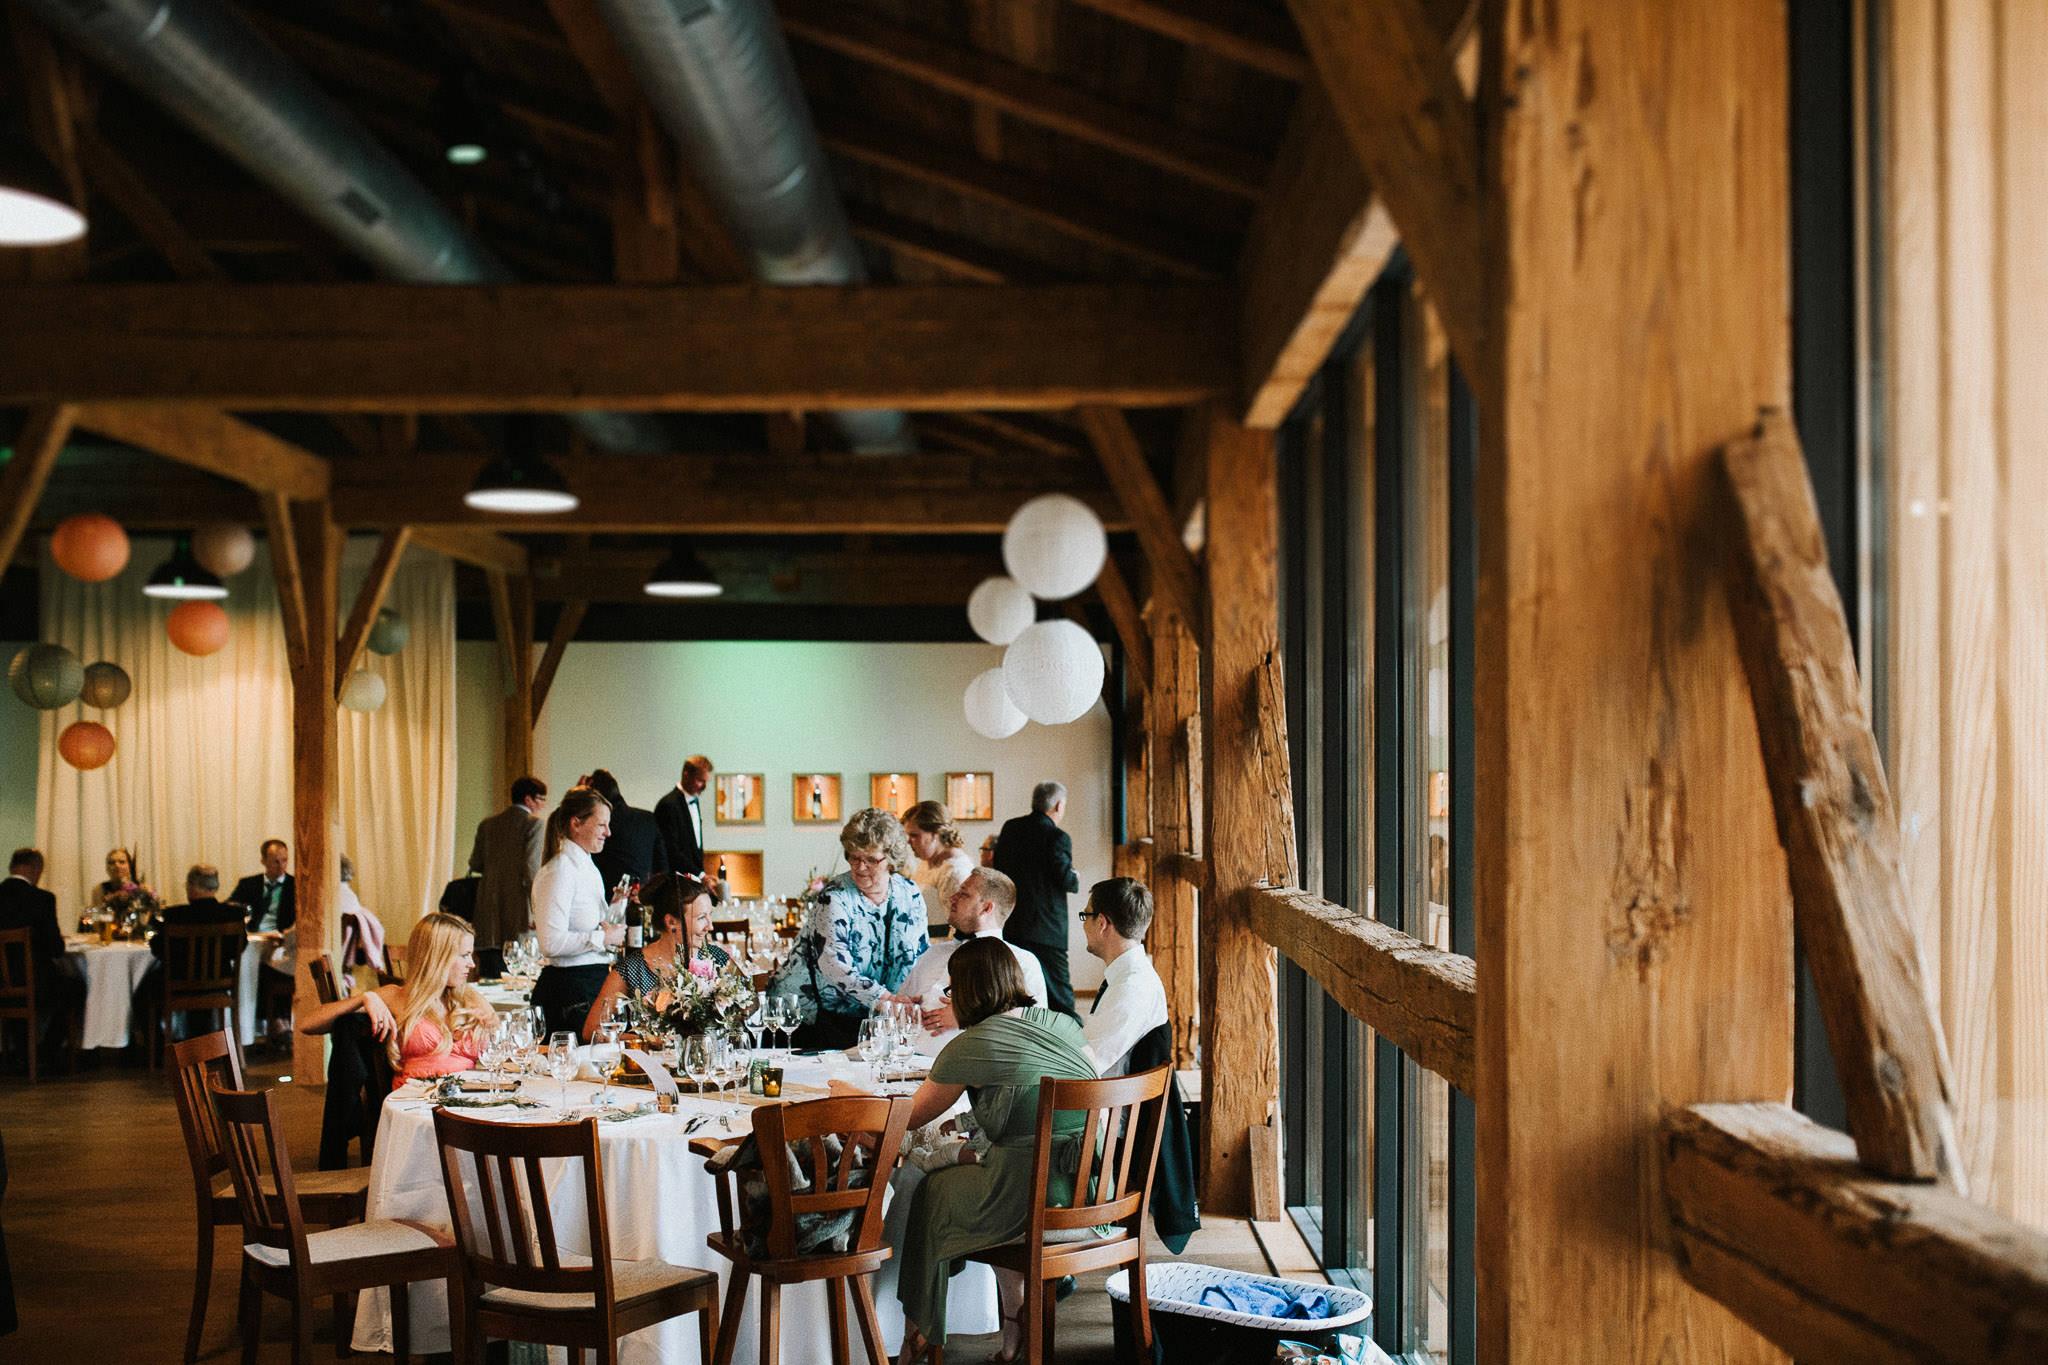 Sommerliche Hochzeit Moarhof Samerberg - Hochzeitsfotograf München Hoczeit in den Bergen